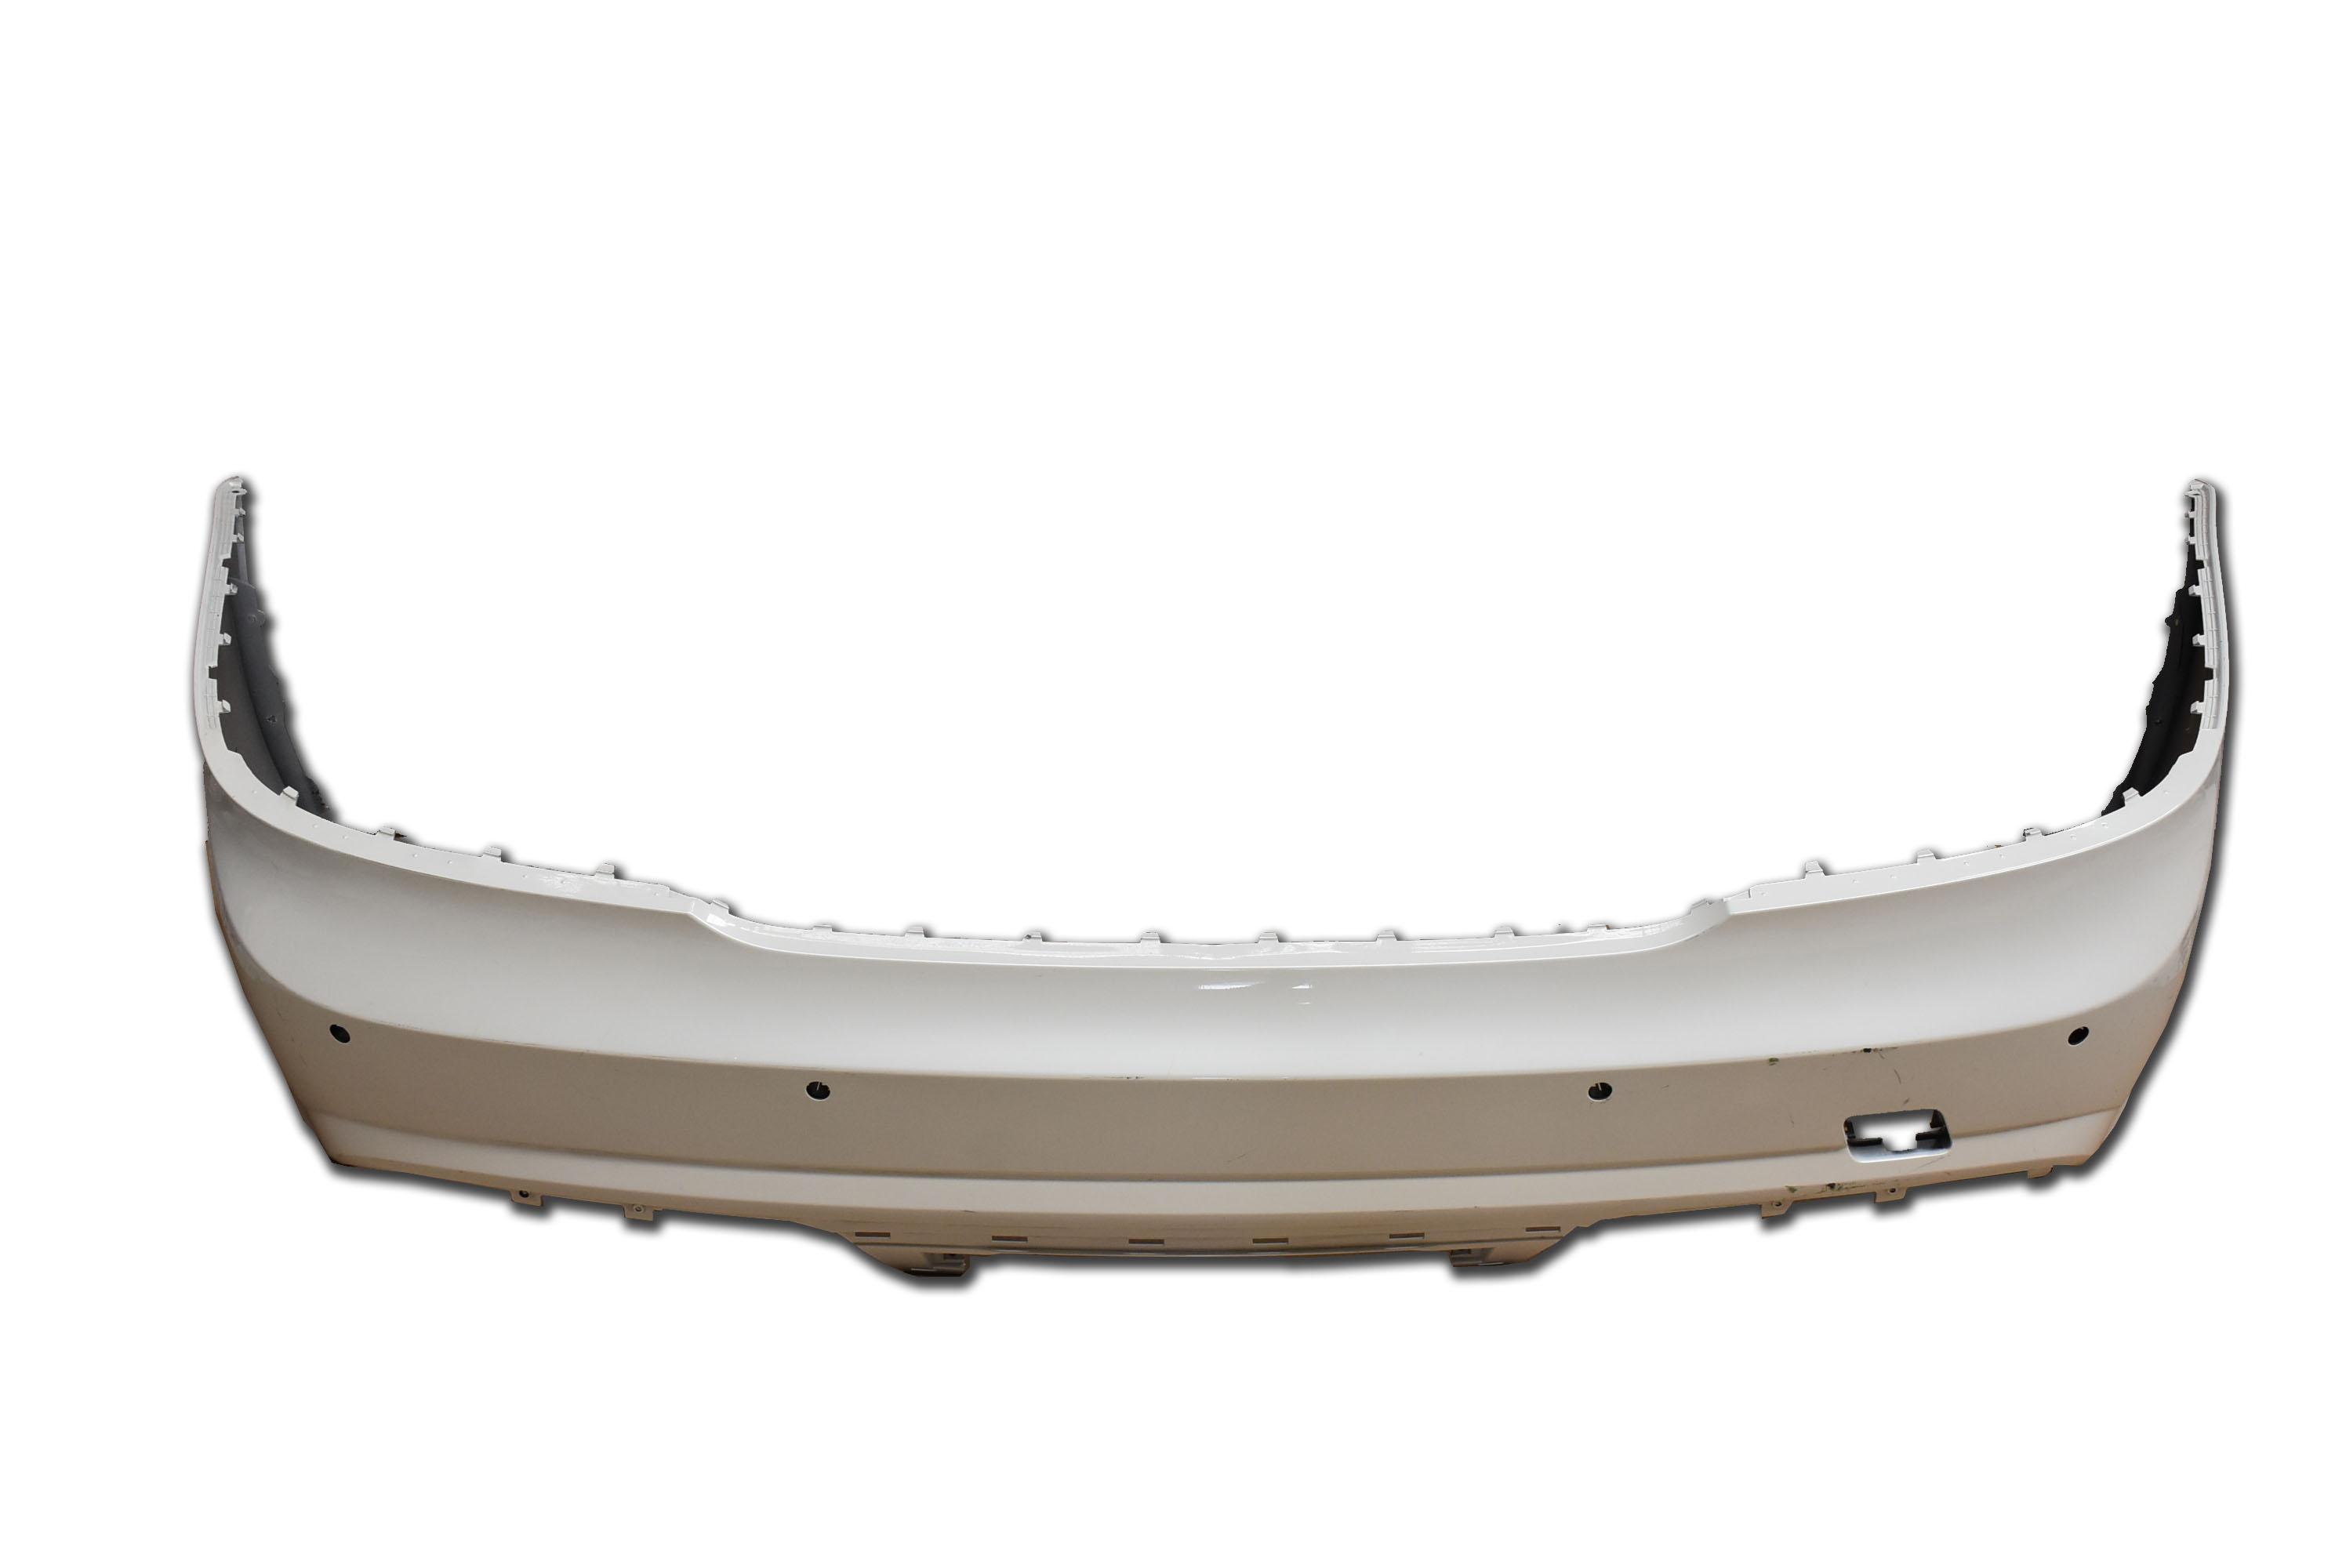 A2318851225 rear bumper